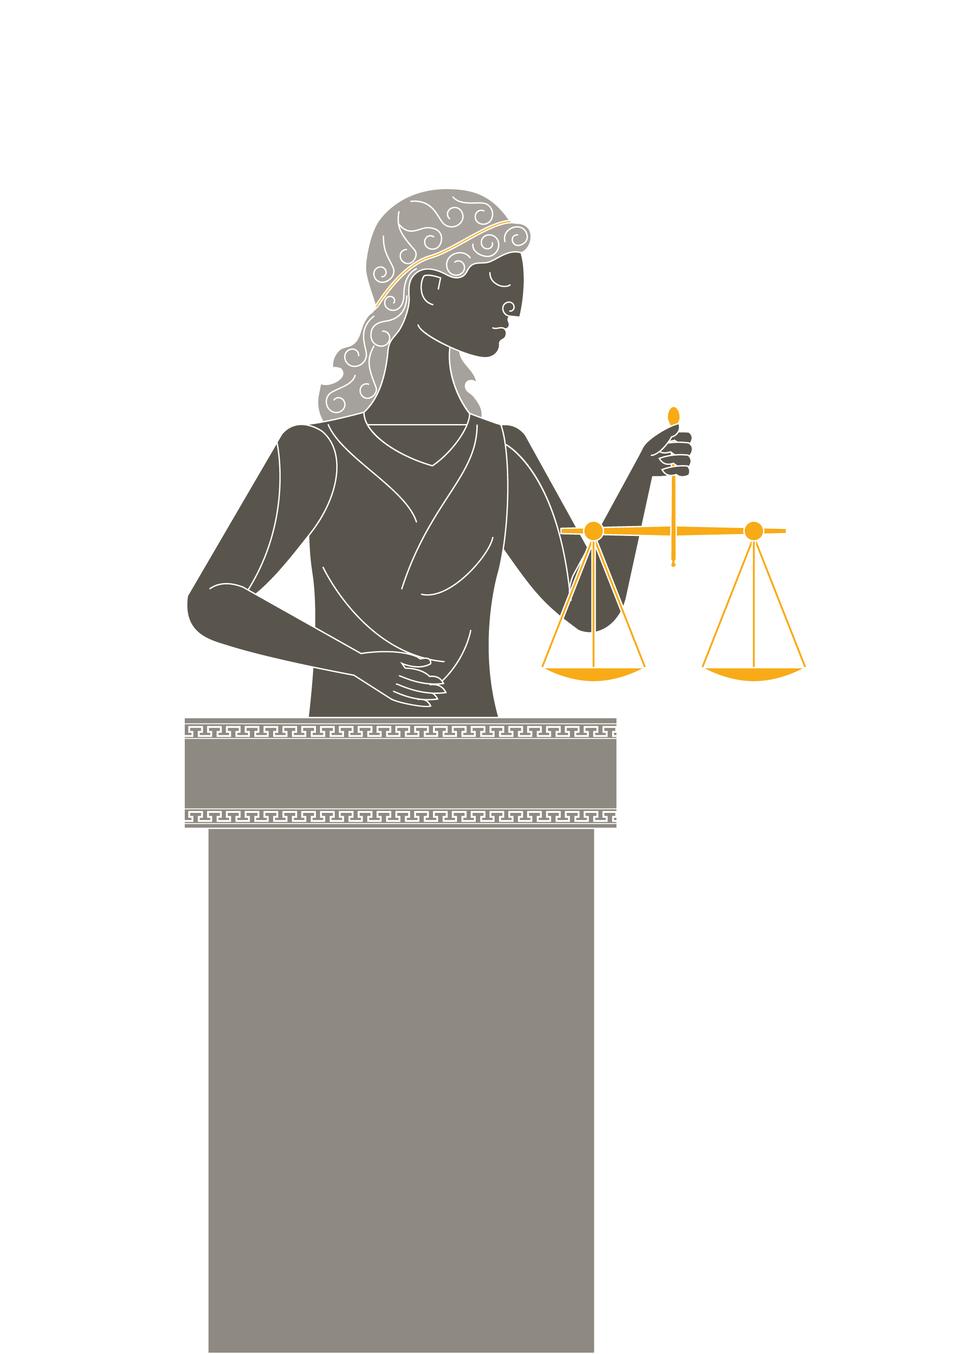 Temida, bogini prawa isprawiedliwości, była czczona przez Greków jako doradczyni Zeusa. Opiekowała się sądami. Przedstawiano ją zopaską na oczach, symbolizującą bezstronność iwydawanie wyroków wyłącznie na podstawie prawa. Trzymała wagę służącą do sprawiedliwego oceniania dowodów winy iniewinności oskarżonego. Temida, bogini prawa isprawiedliwości, była czczona przez Greków jako doradczyni Zeusa. Opiekowała się sądami. Przedstawiano ją zopaską na oczach, symbolizującą bezstronność iwydawanie wyroków wyłącznie na podstawie prawa. Trzymała wagę służącą do sprawiedliwego oceniania dowodów winy iniewinności oskarżonego. Źródło: Contentplus.pl sp. zo.o., licencja: CC BY-SA 4.0.